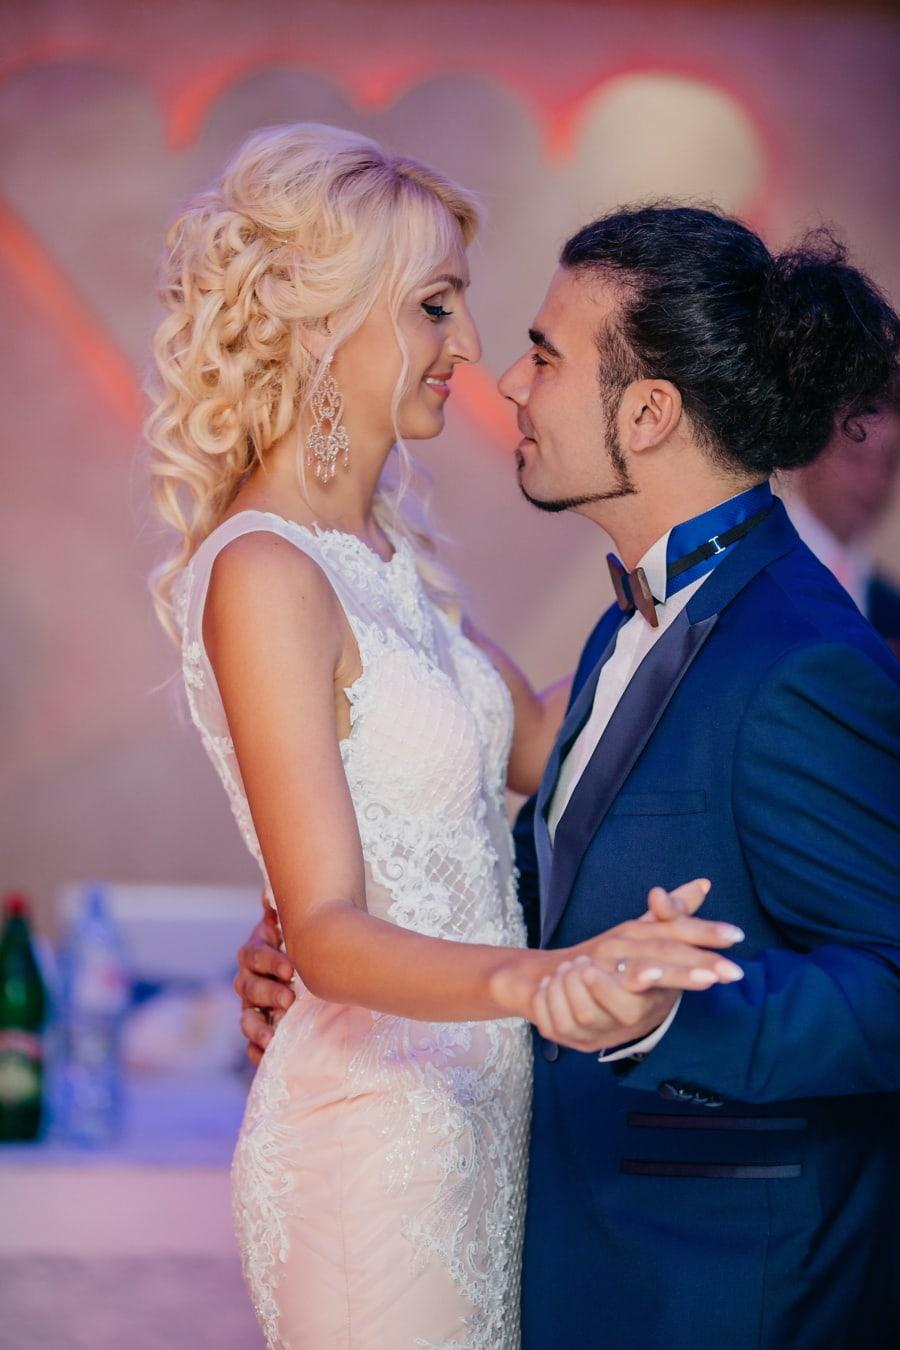 lãng mạn, khiêu vũ, phim, quyến rũ, Cô bé xinh đẹp, thời trang, tuyệt đẹp, cô dâu, người đàn ông, người phụ nữ